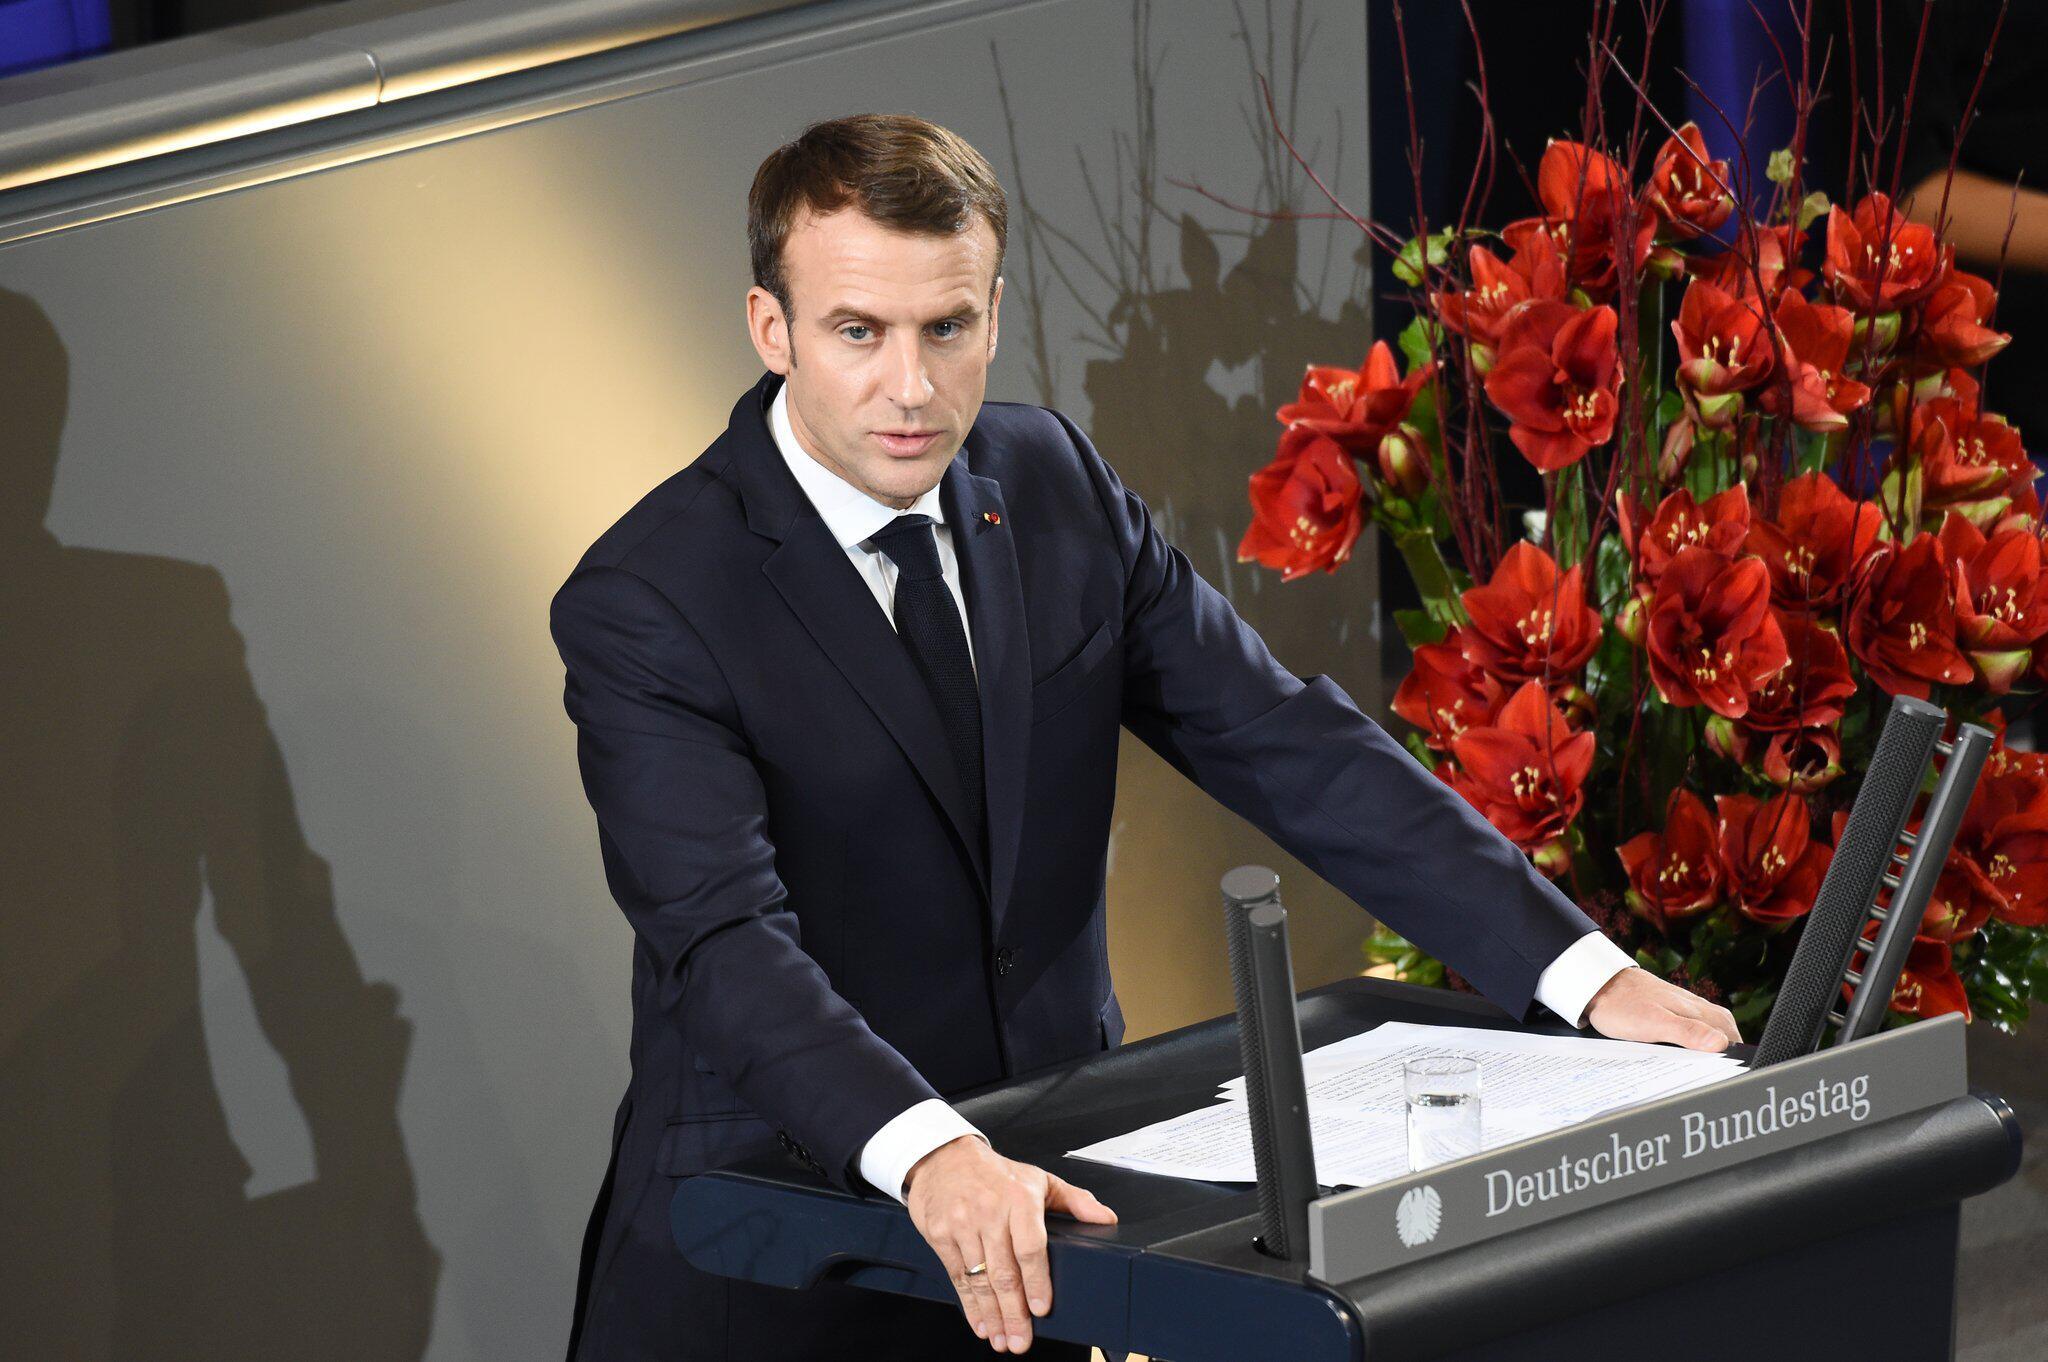 Bild zu Emmanuel Macron am Volkstrauertag in Berlin